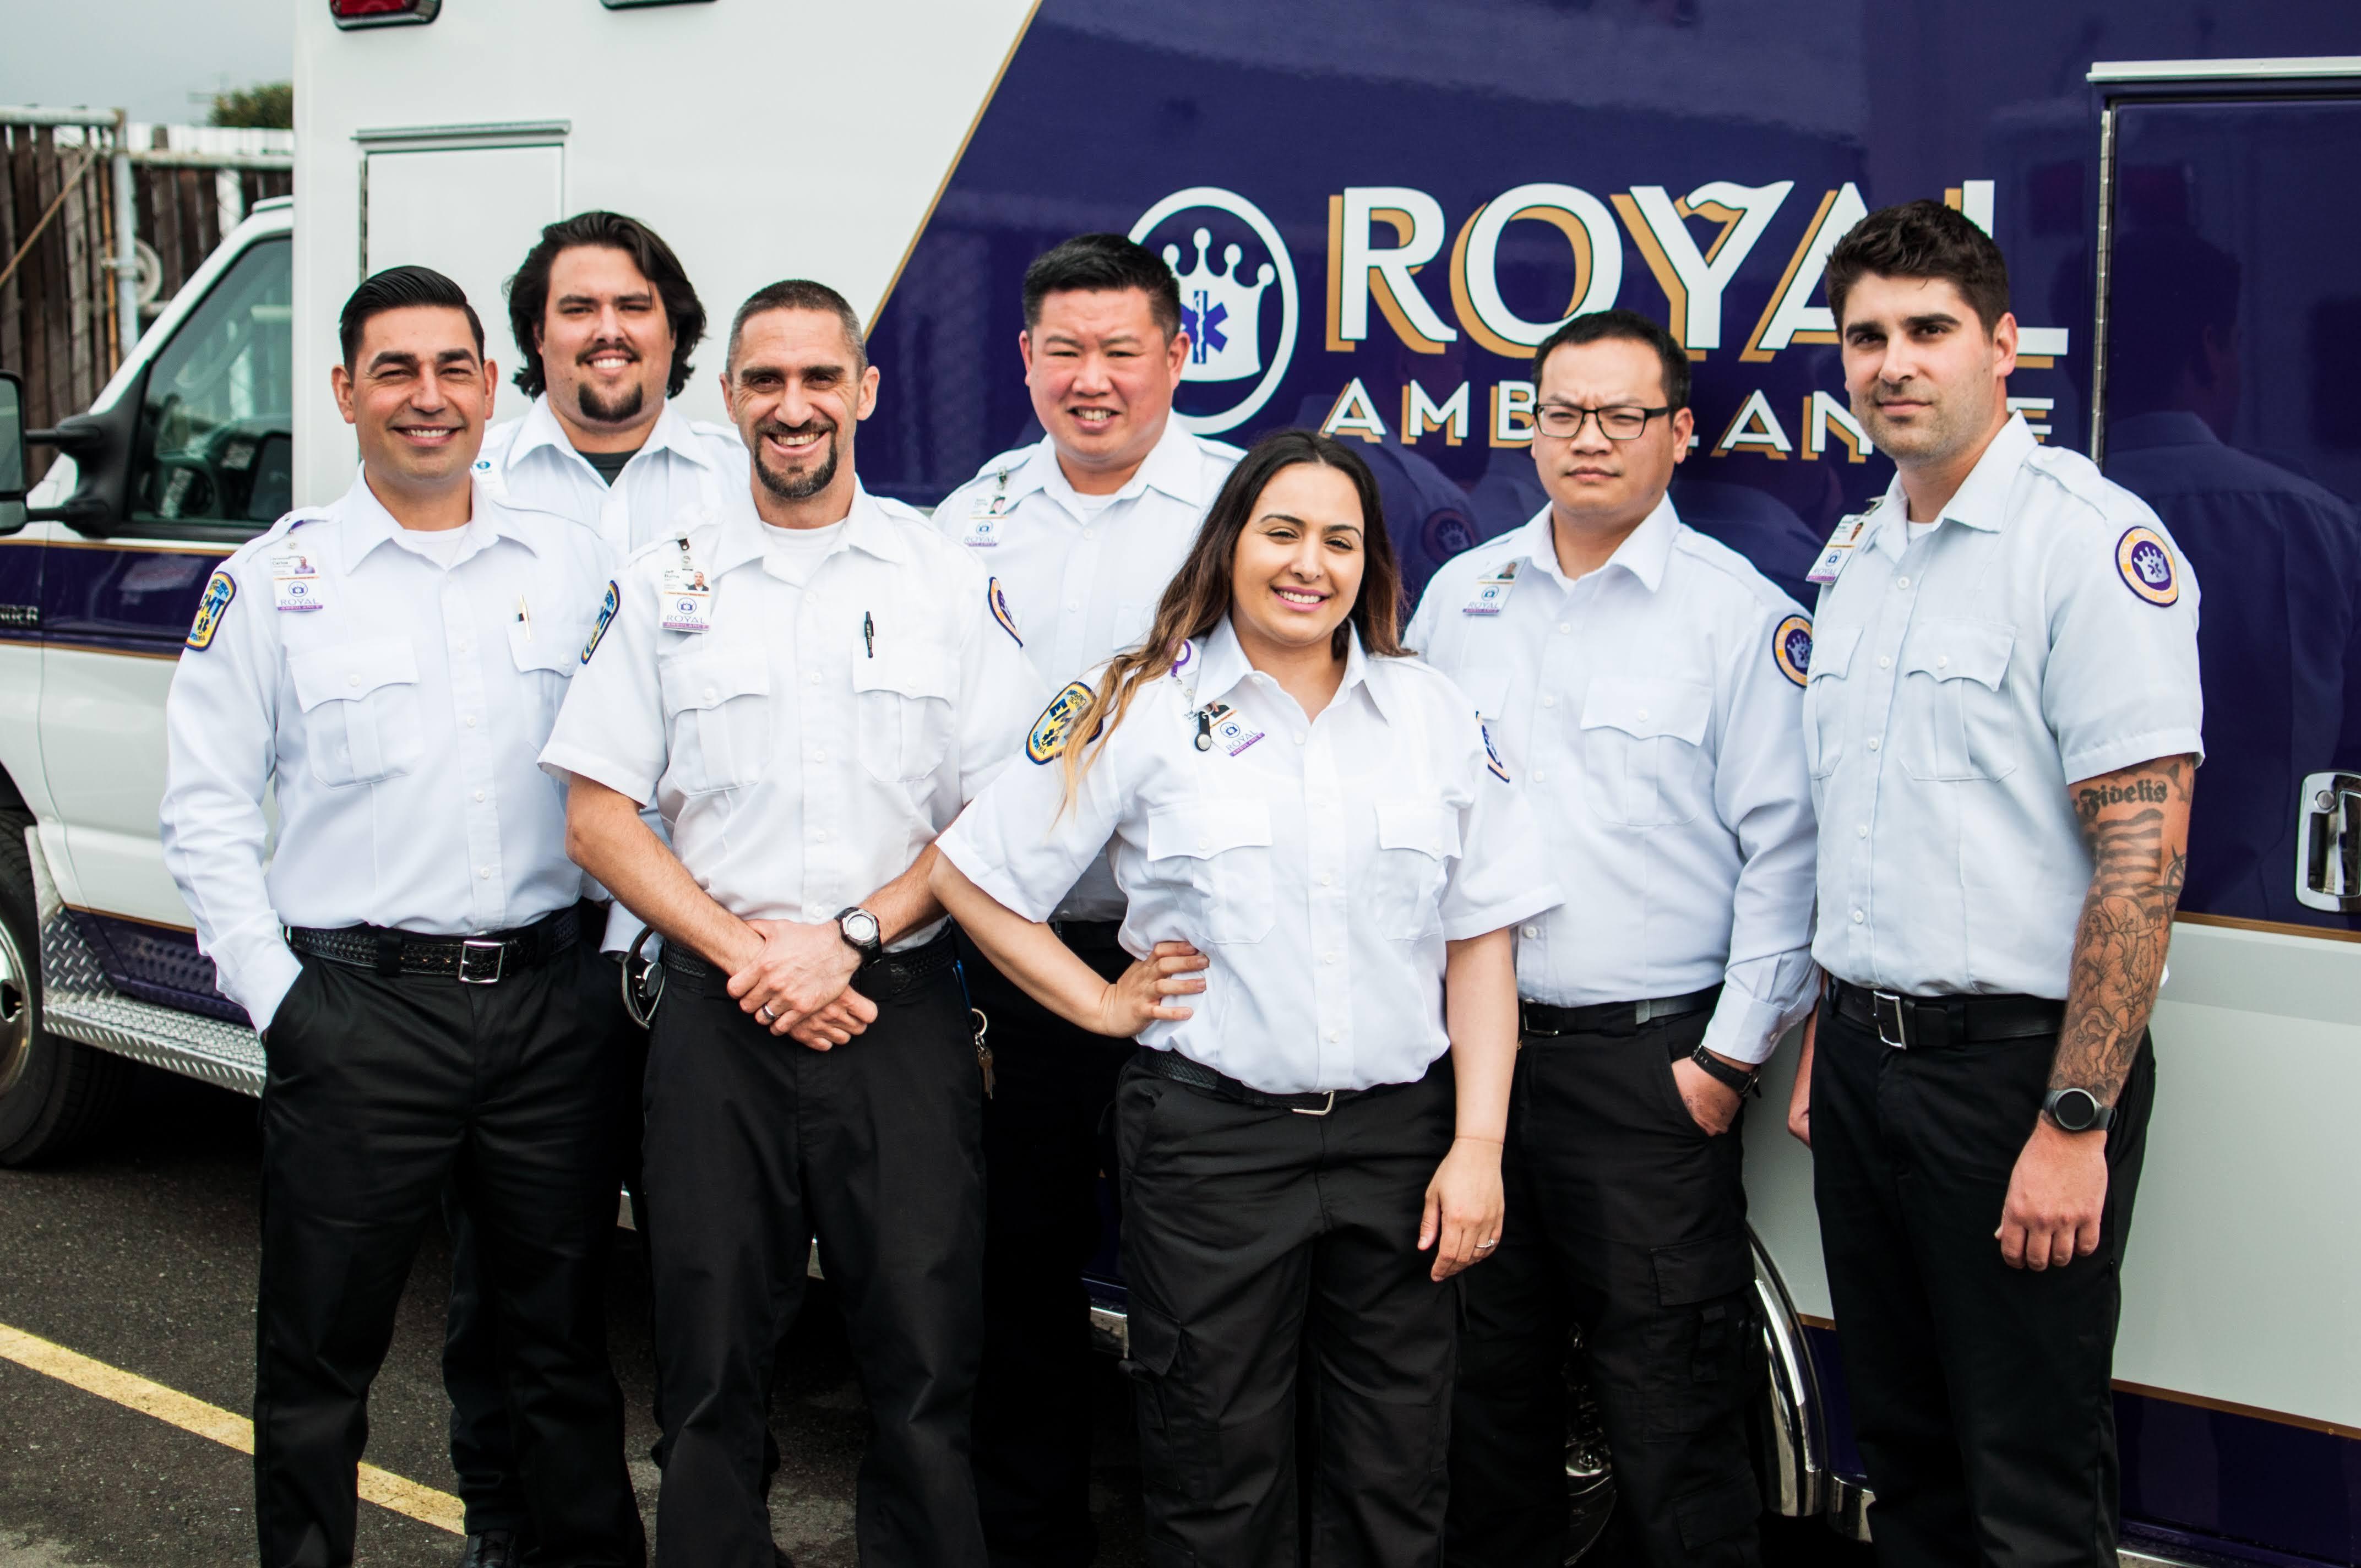 Royal Ambulance